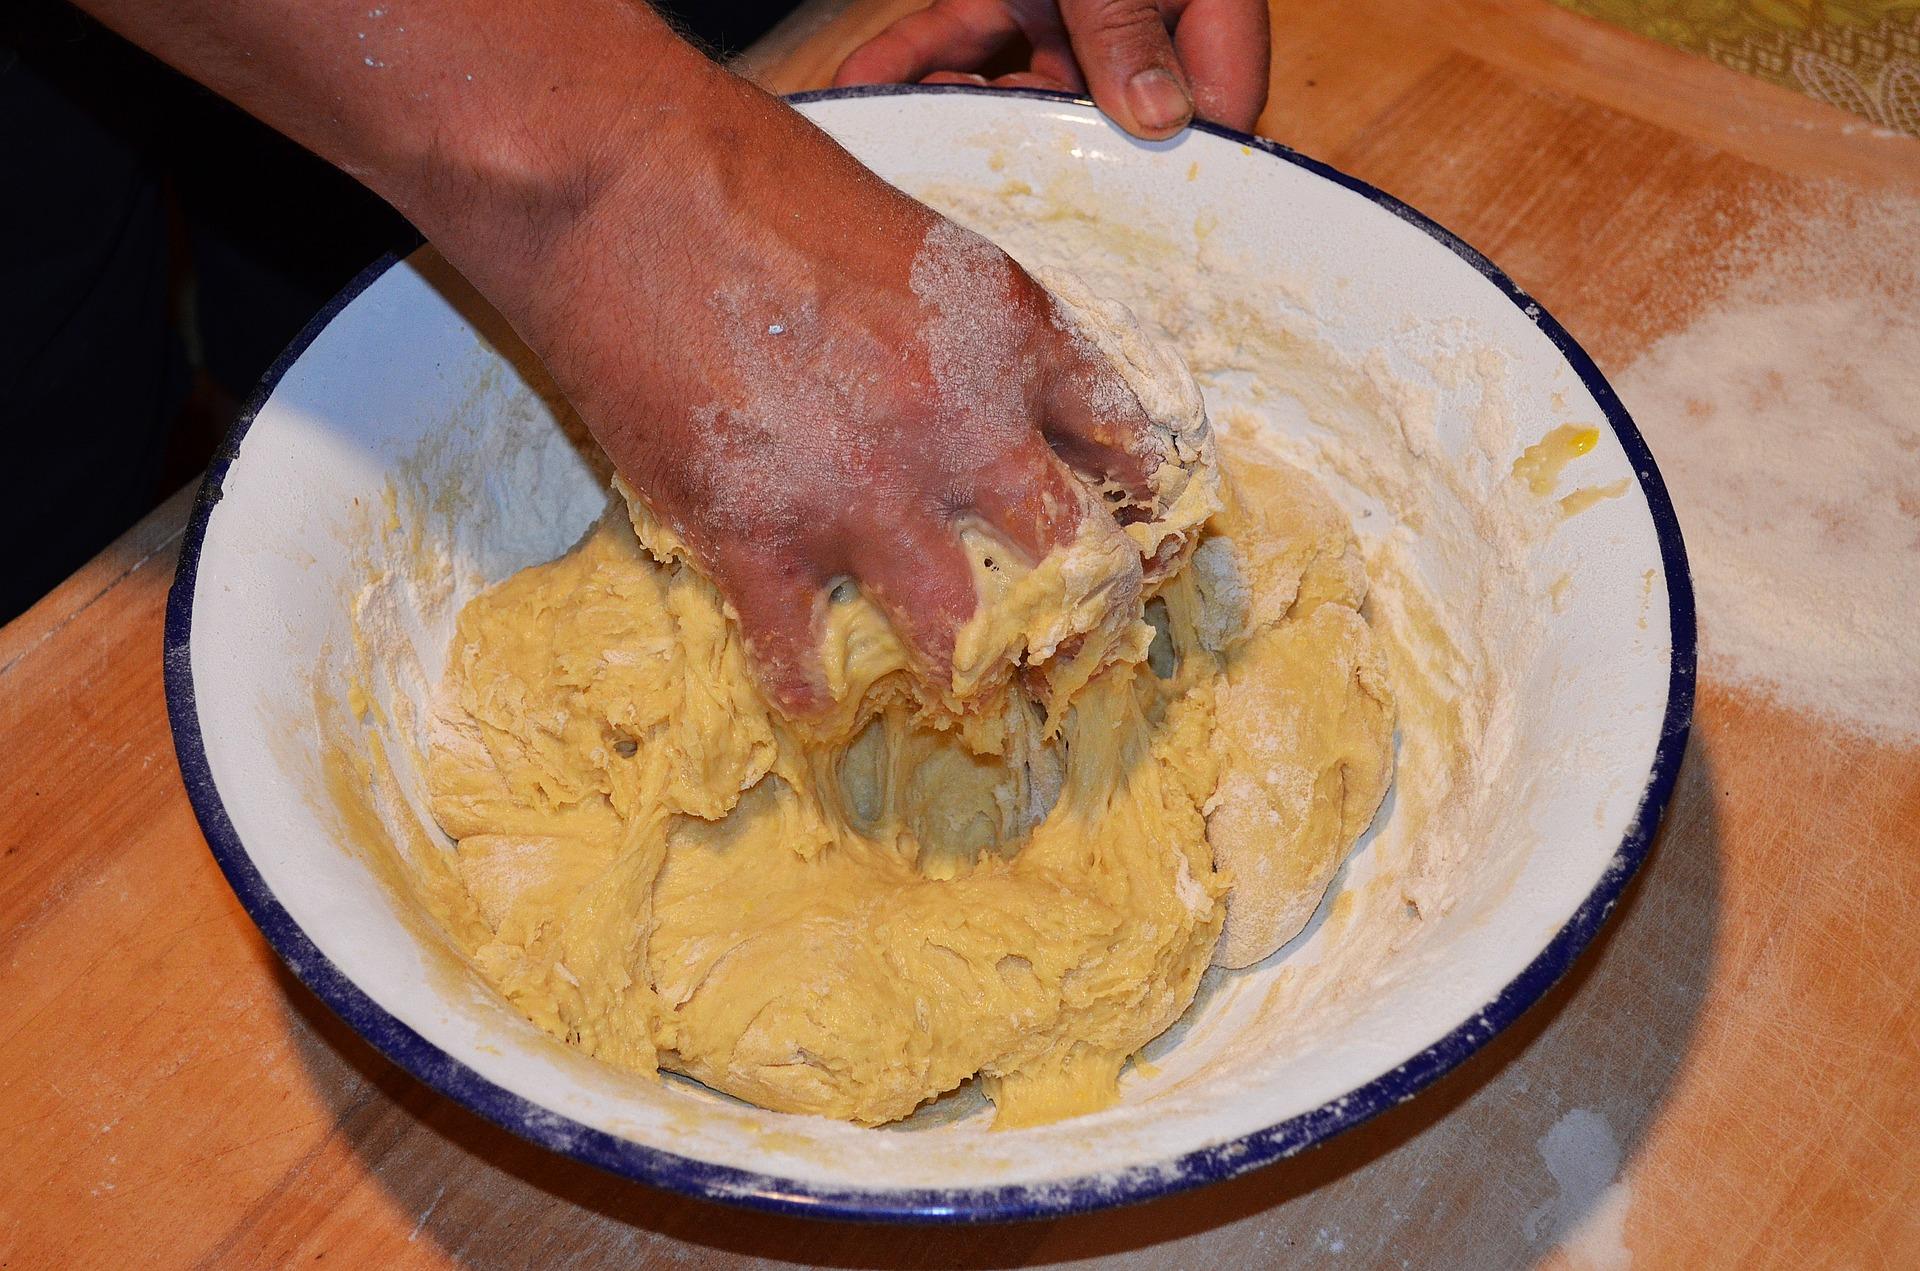 cake-yeast-1575463_1920